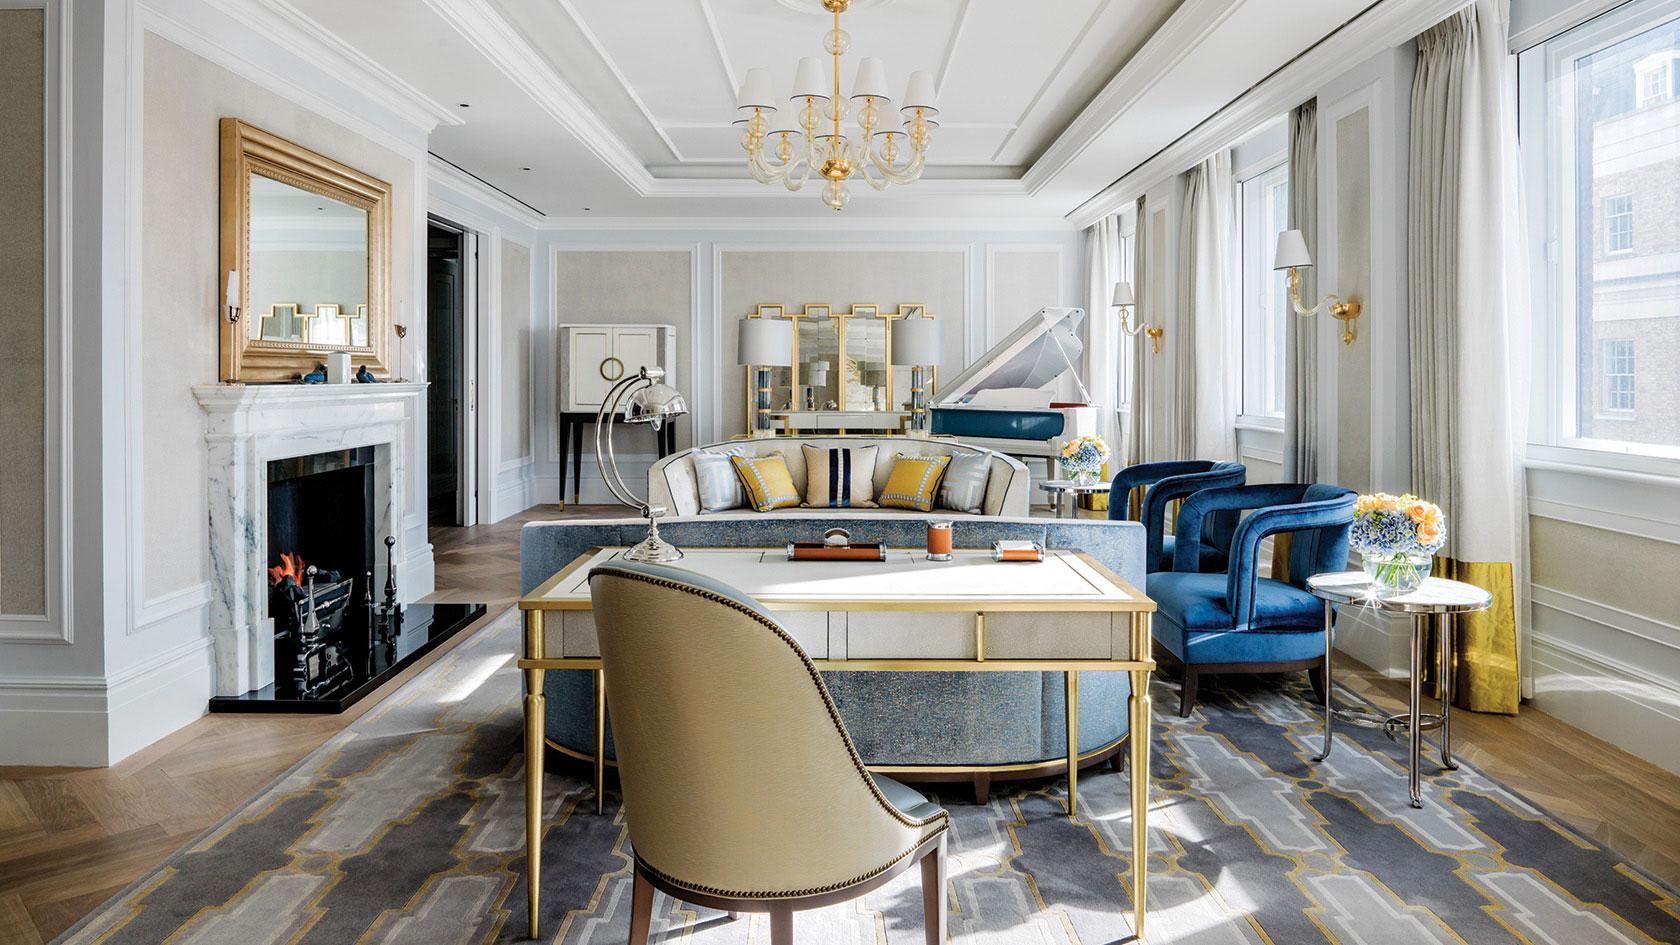 Langham Hotel's Sterling Suite